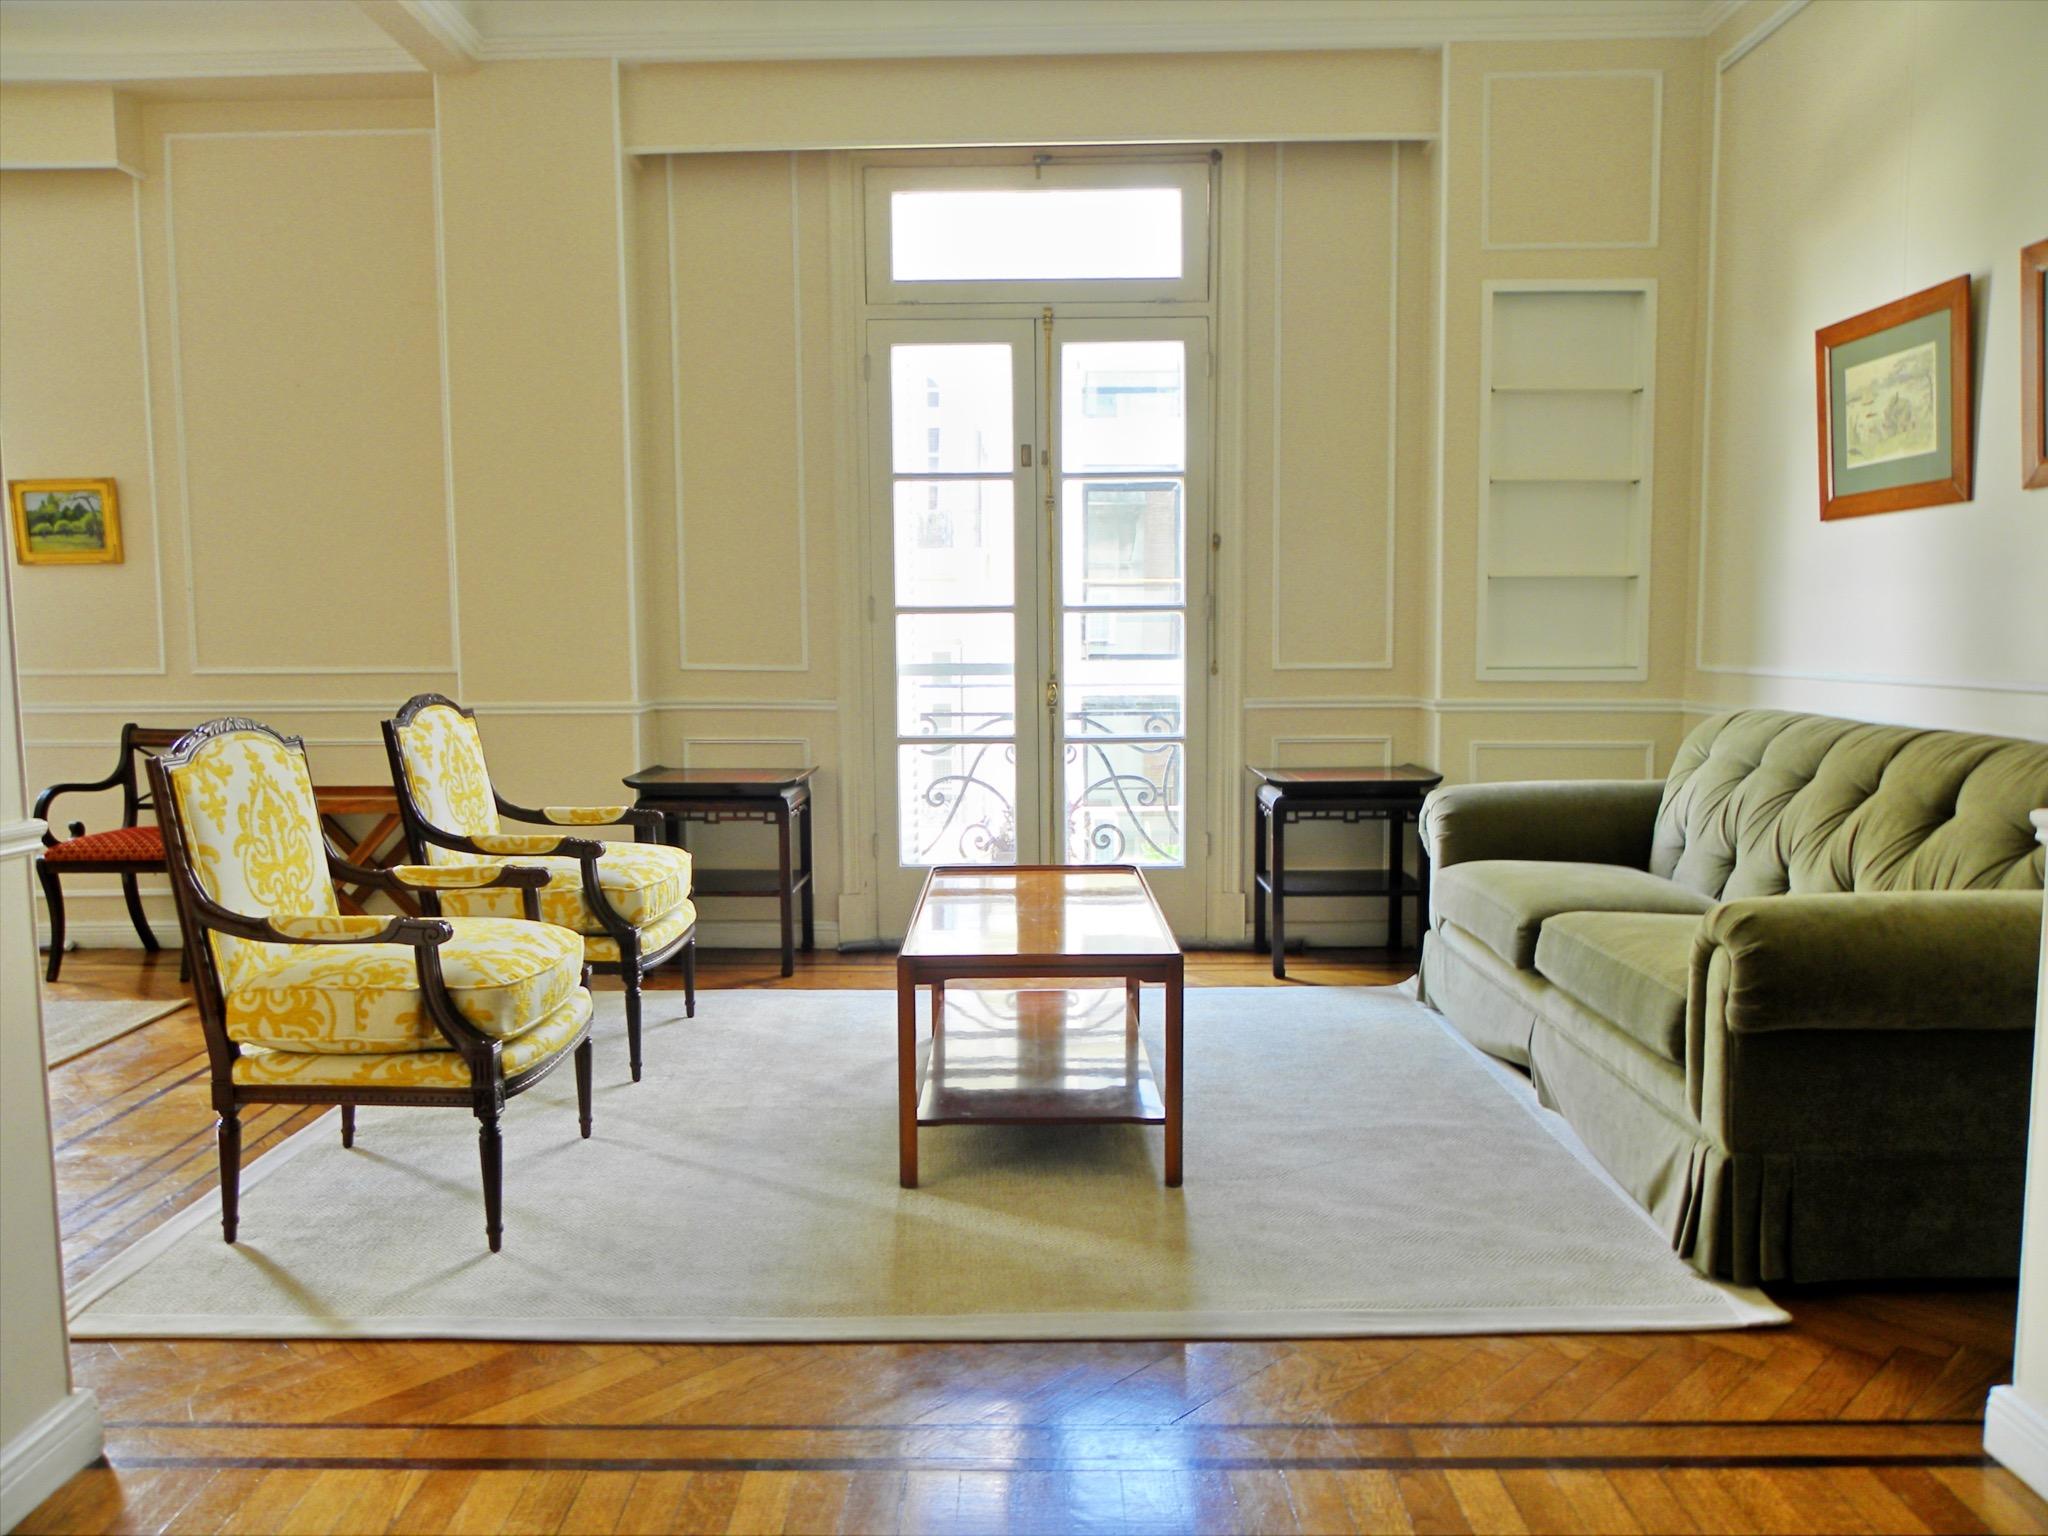 rentals property at Excelente propiedad para alquilar temporariamente